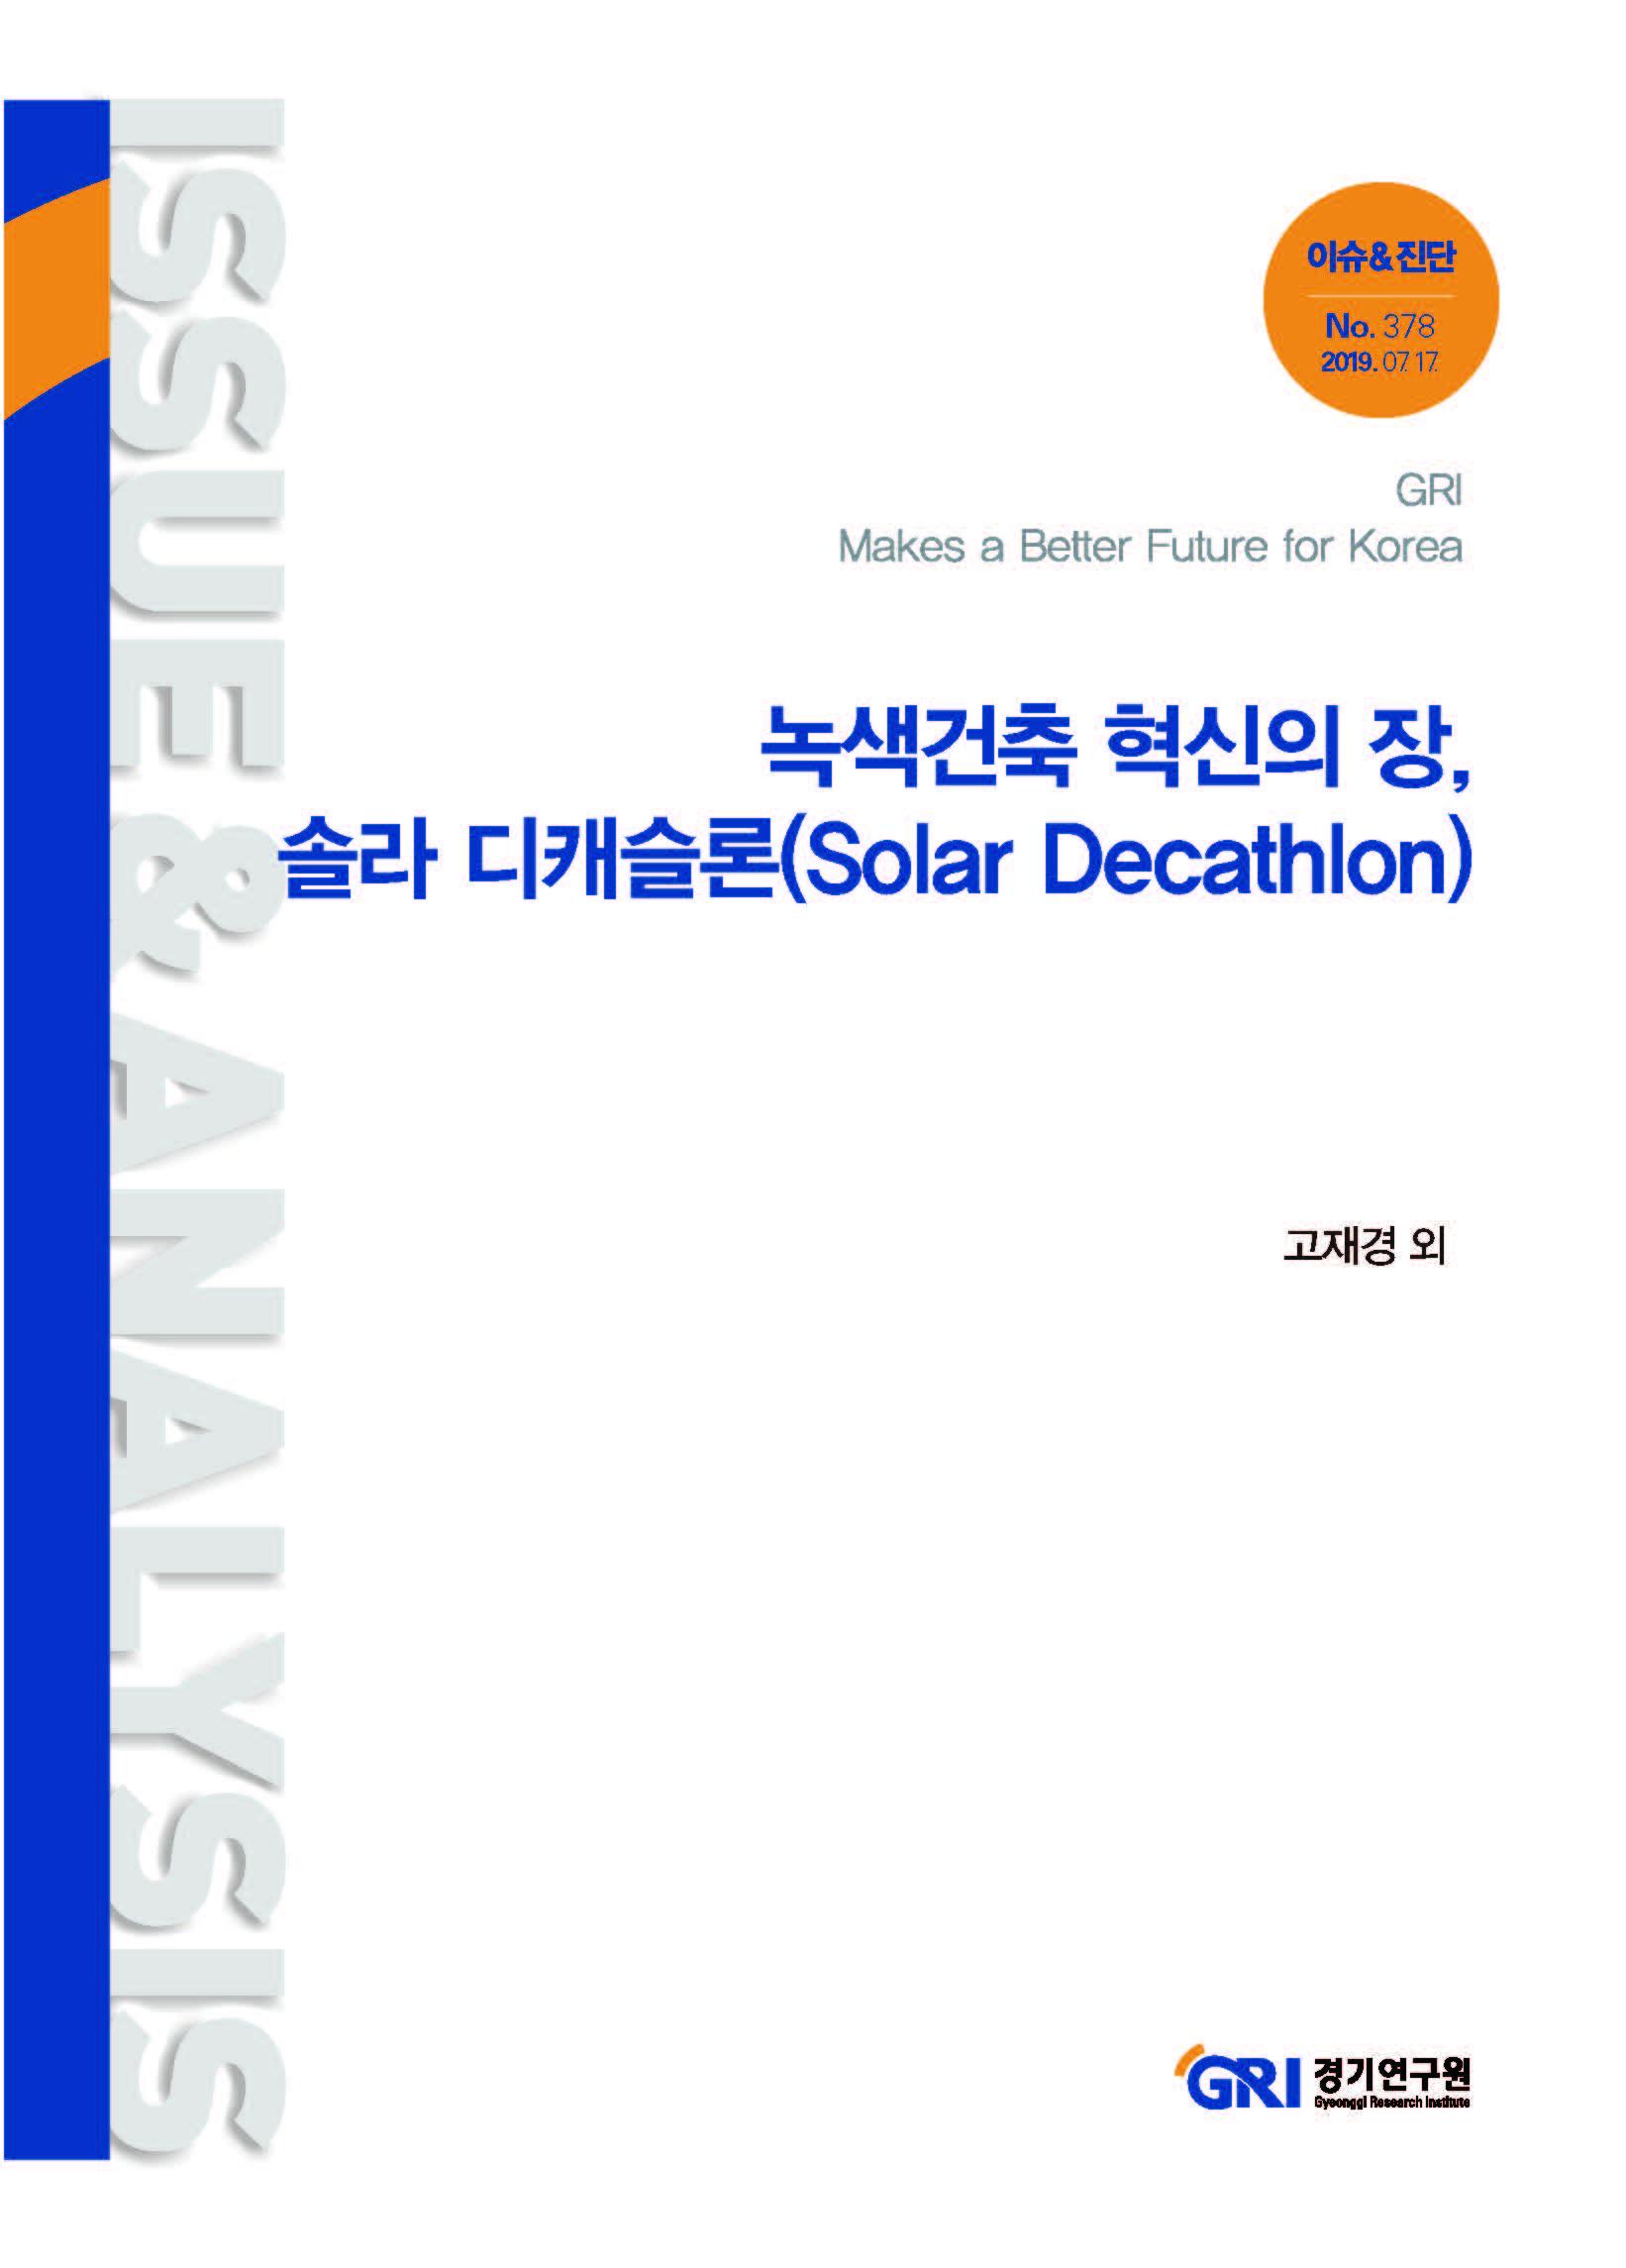 녹색건축 혁신의 장, 솔라 디캐슬론(Solar Decathlon)